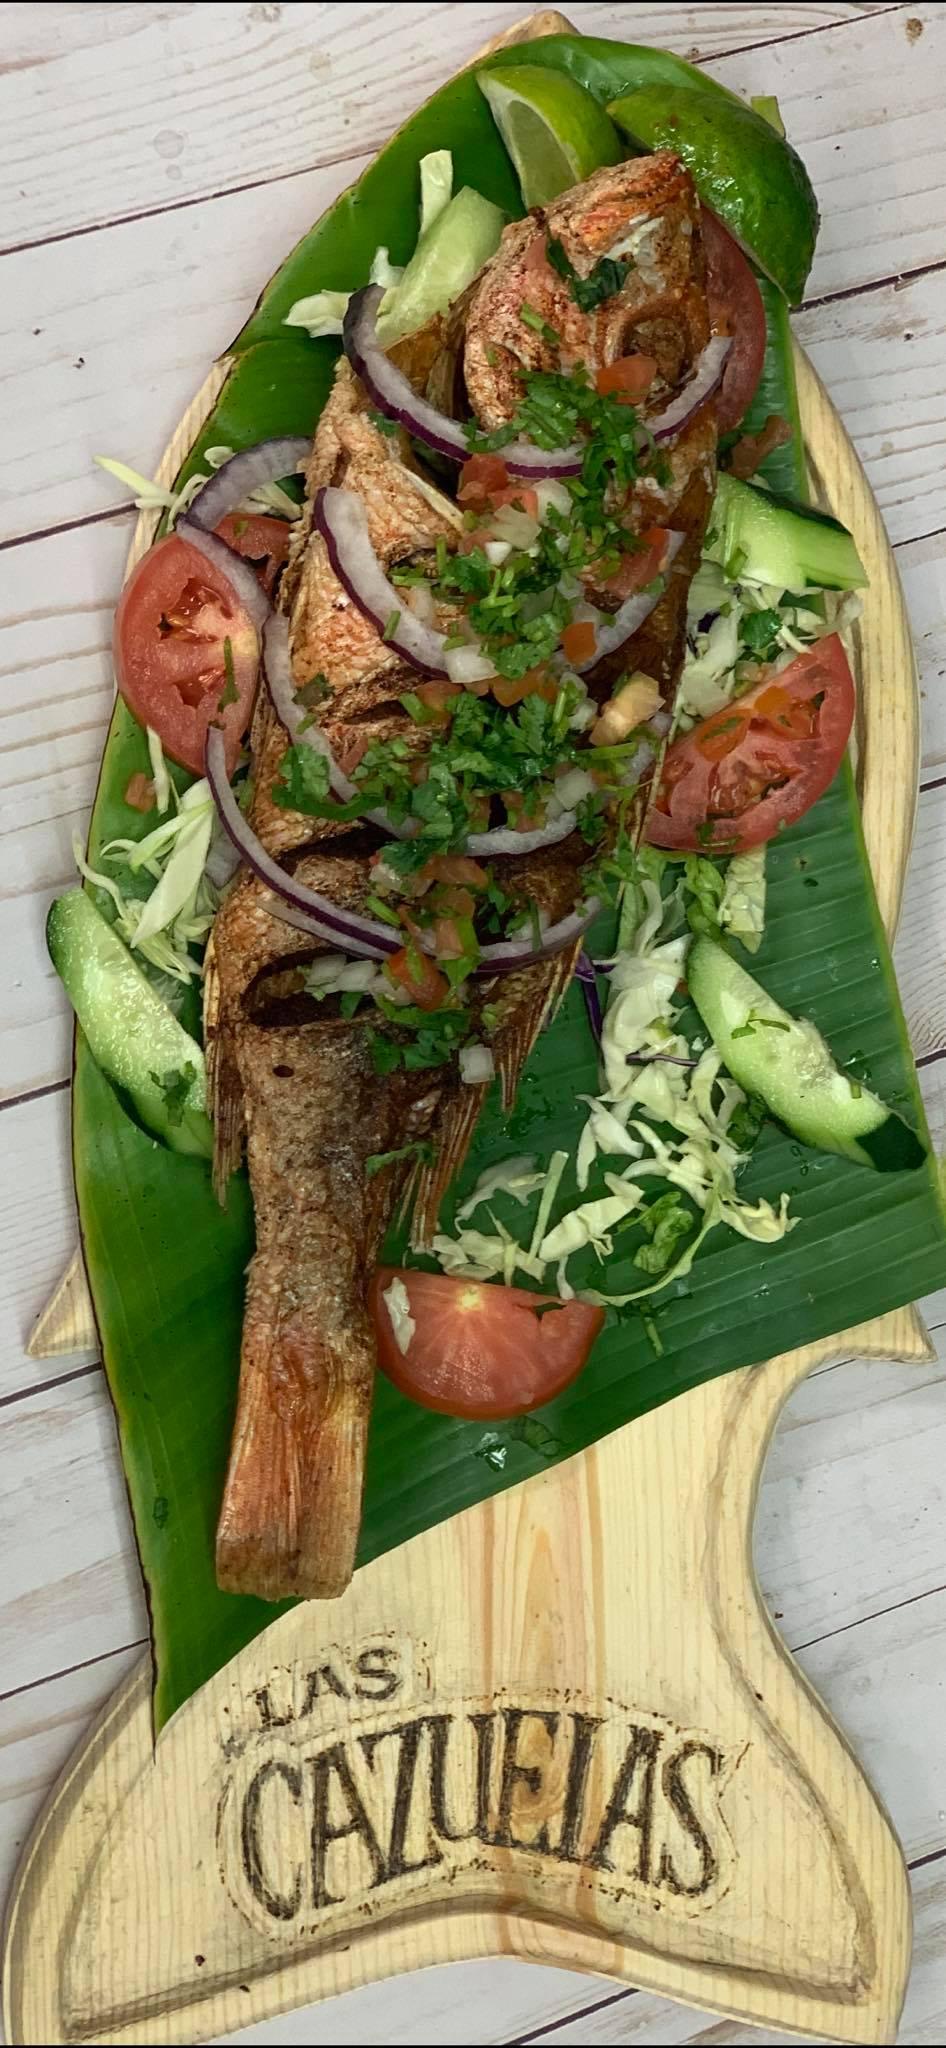 https://0201.nccdn.net/4_2/000/000/00d/f43/cazuelas-fish-on-plate.jpg